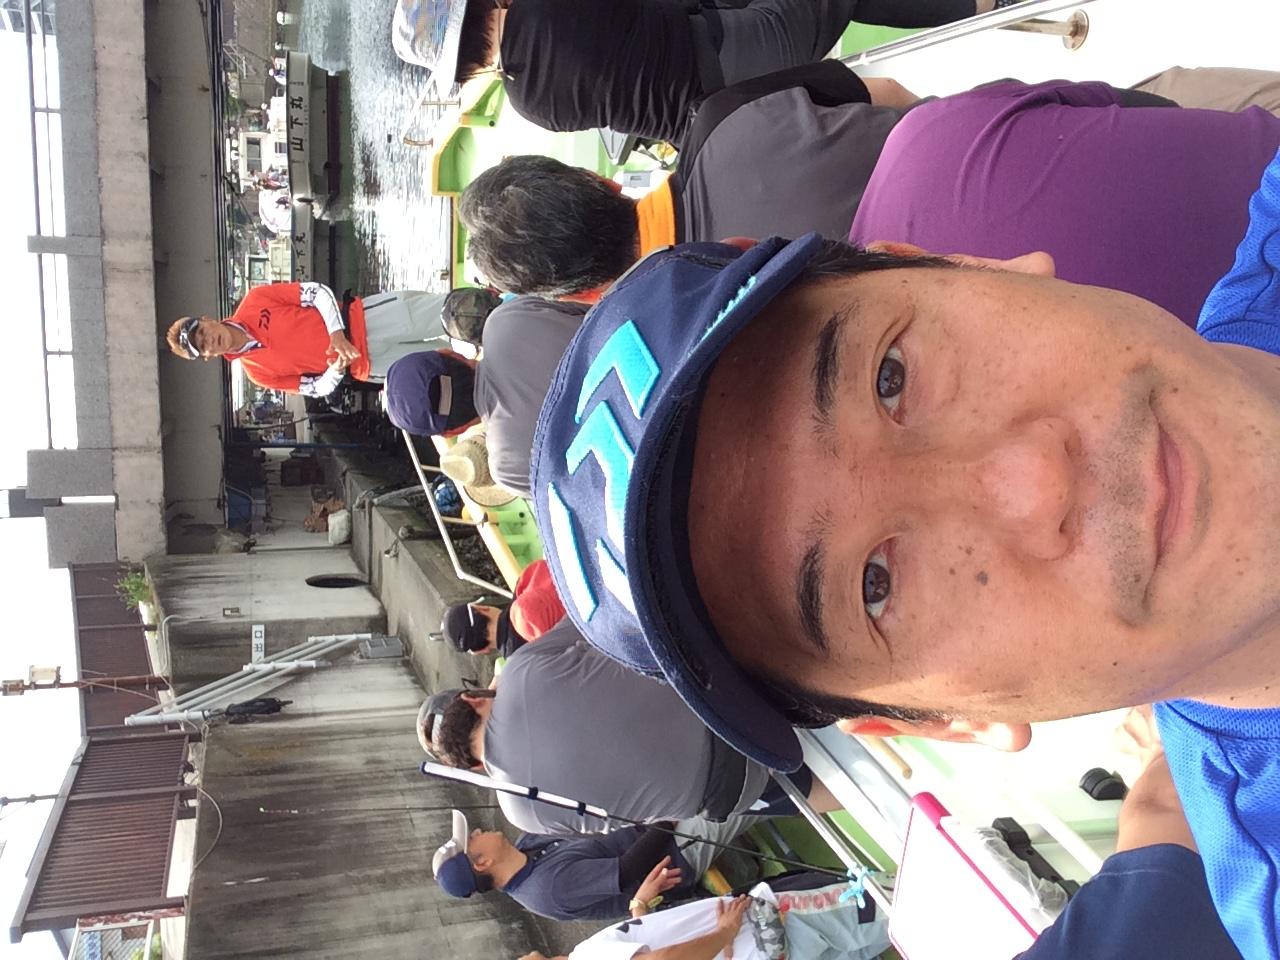 http://chinpei.com/f/2015/07/12/IMG_0311.JPG